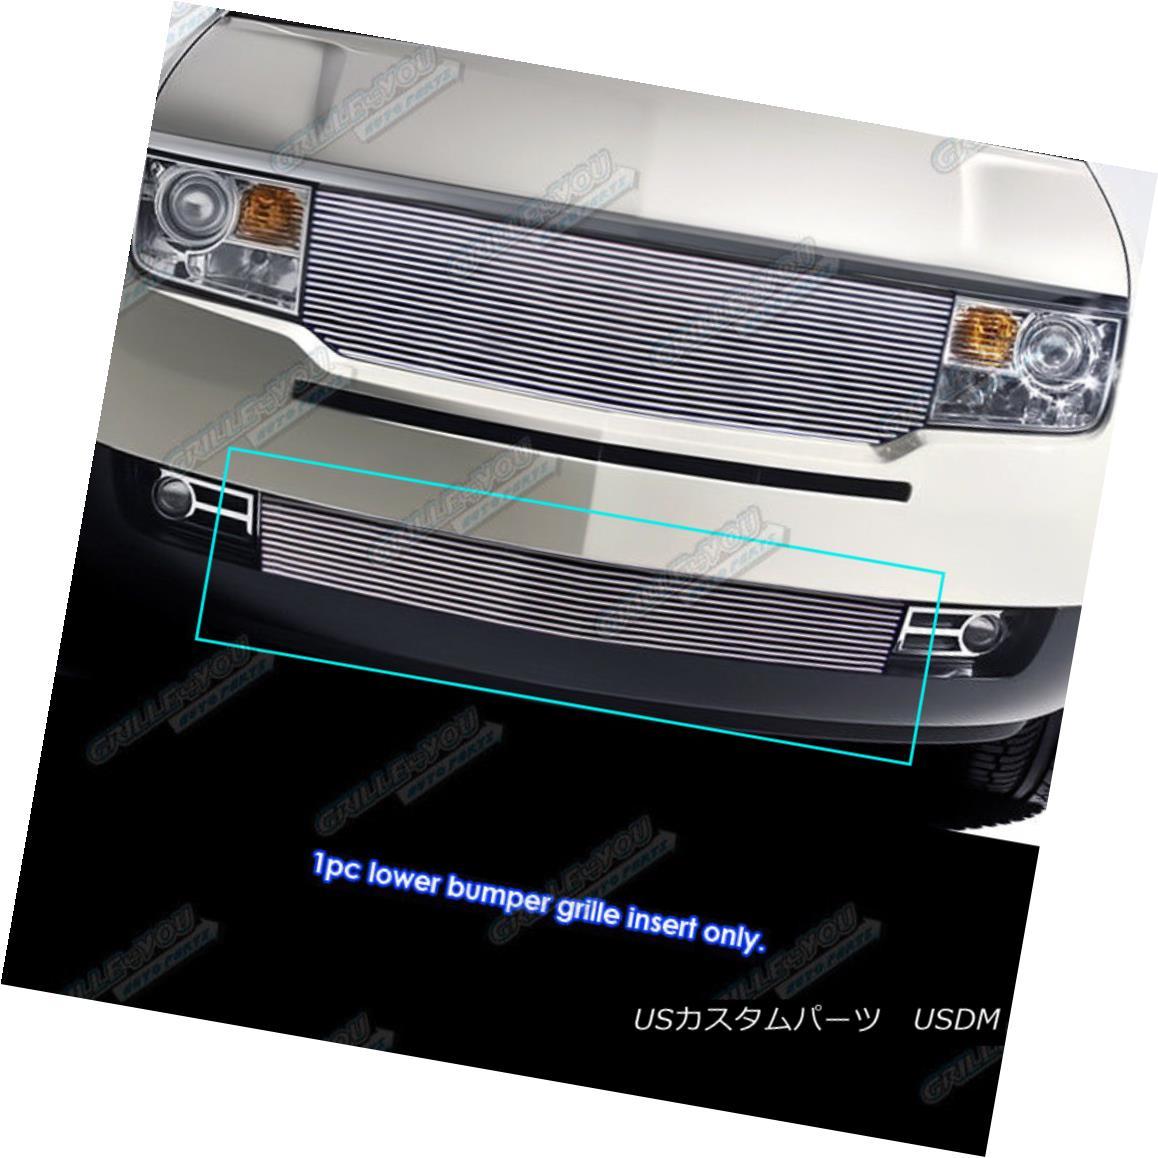 グリル Fits 07-10 Lincoln MKX Lower Bumper Billet Grille Insert フィット07-10リンカーンMKXロワーバンパービレットグリルインサート